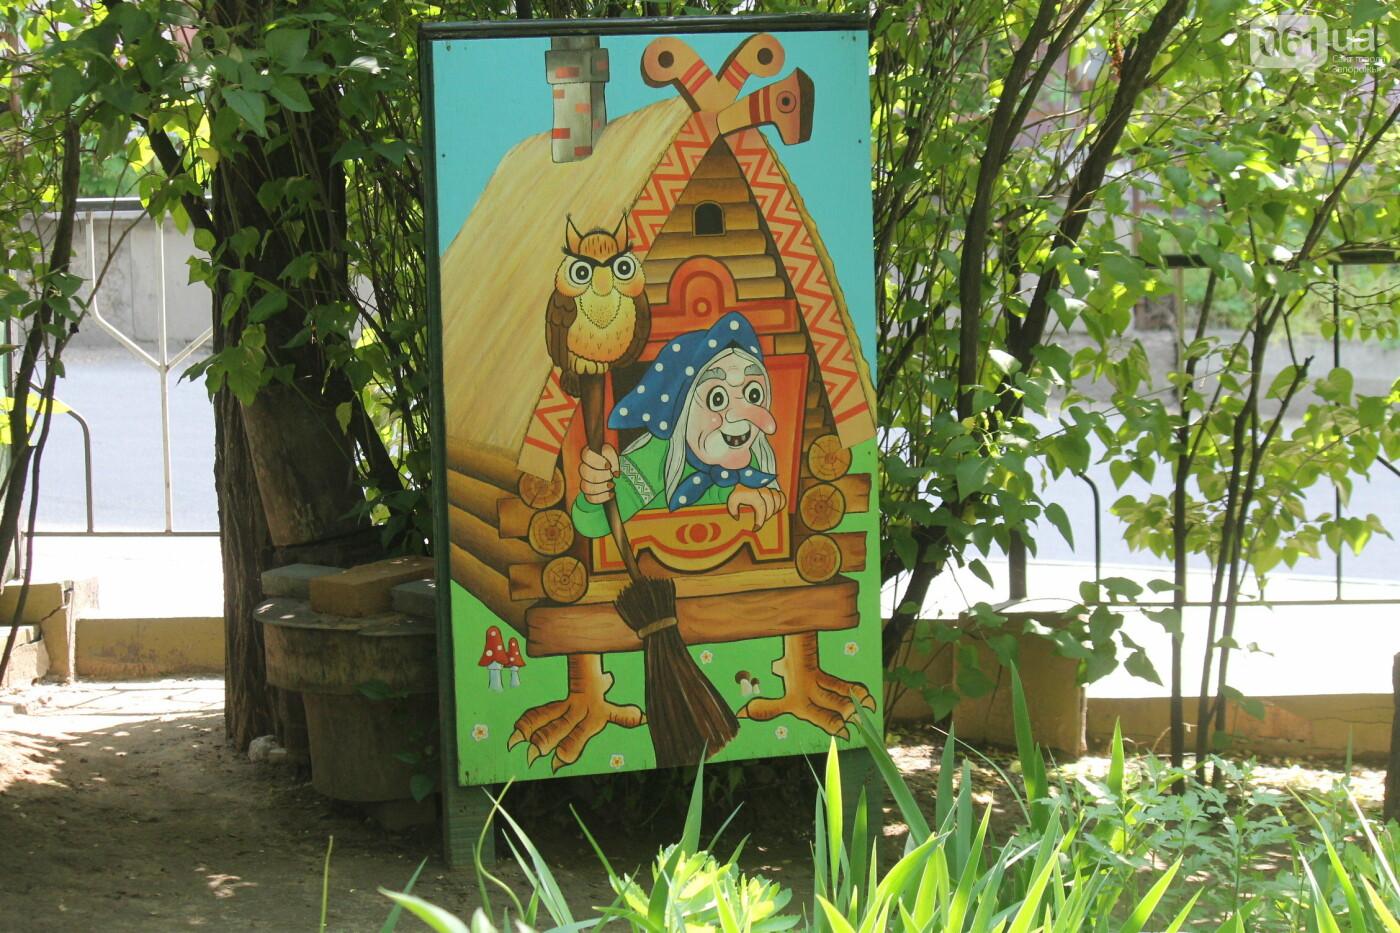 Сказочный городок дедушки Евгения: как запорожский пенсионер превратил заброшенный палисадник в зону для детей, – ФОТОРЕПОРТАЖ, фото-6